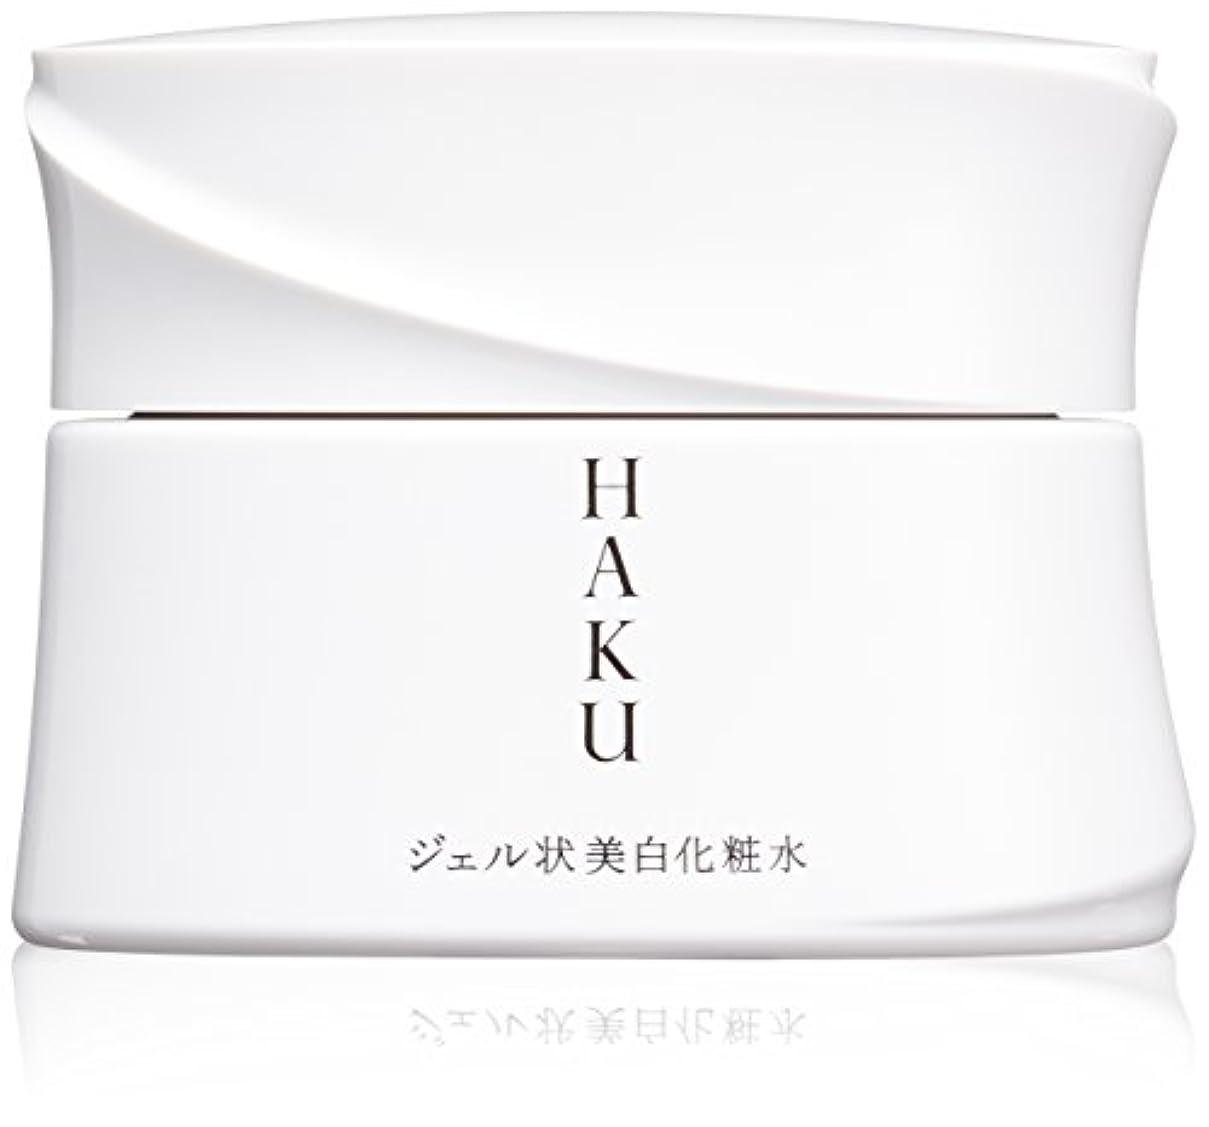 人質理解する草HAKU メラノディープモイスチャー 美白化粧水 100g 【医薬部外品】